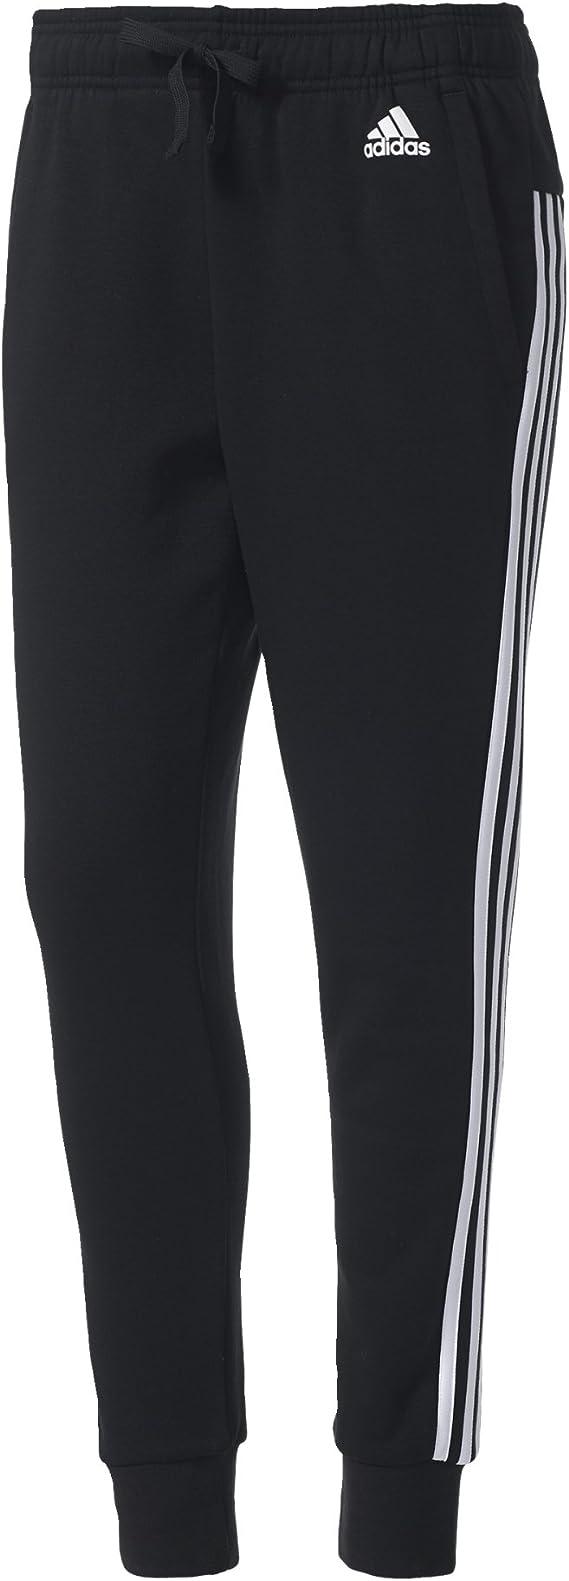 adidas S97117 Pantalón de Chándal, Mujer: Amazon.es: Ropa y accesorios